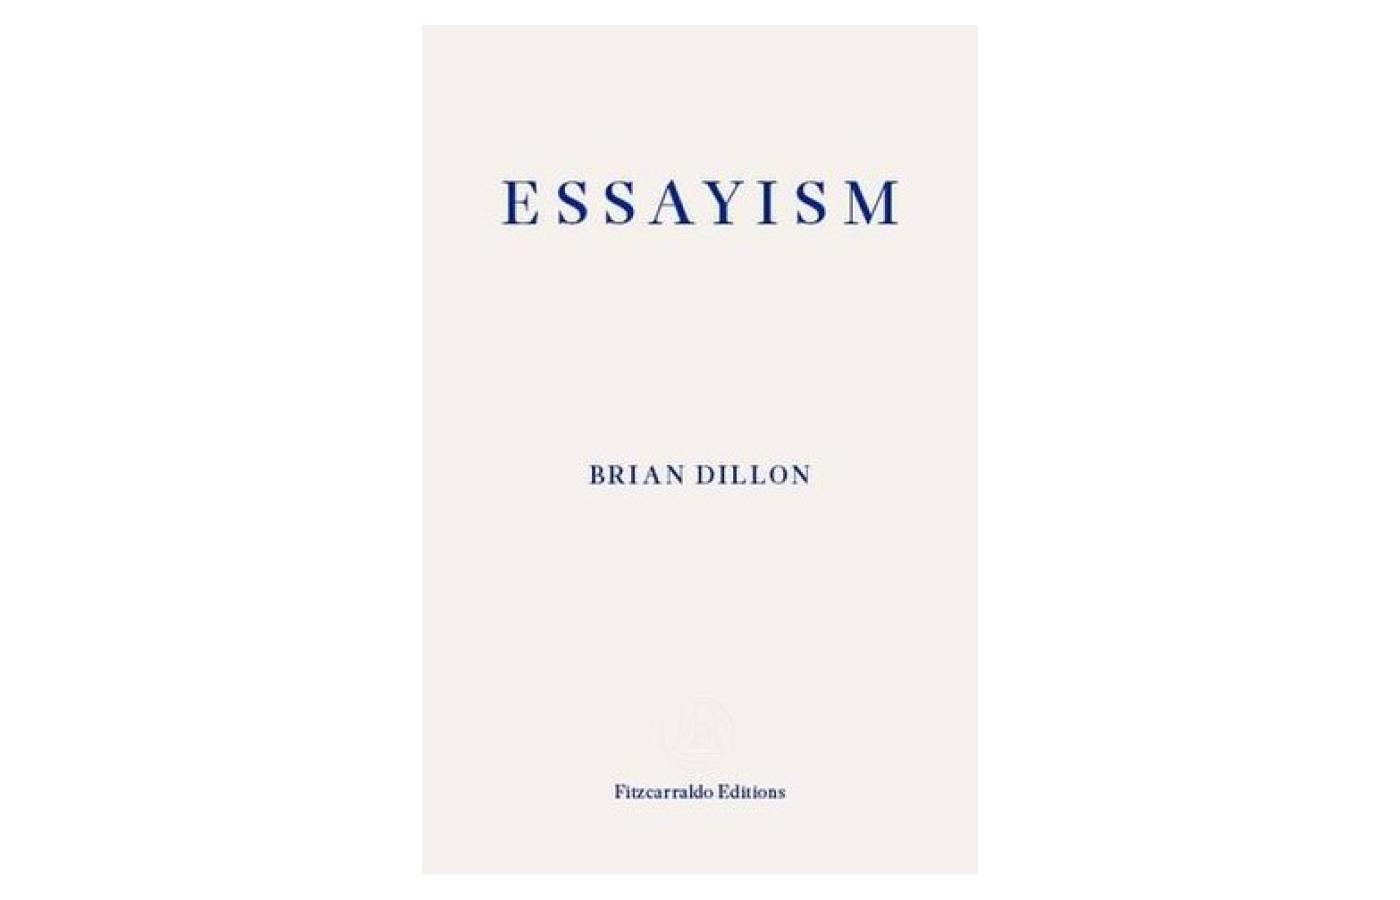 brian dillon essayism